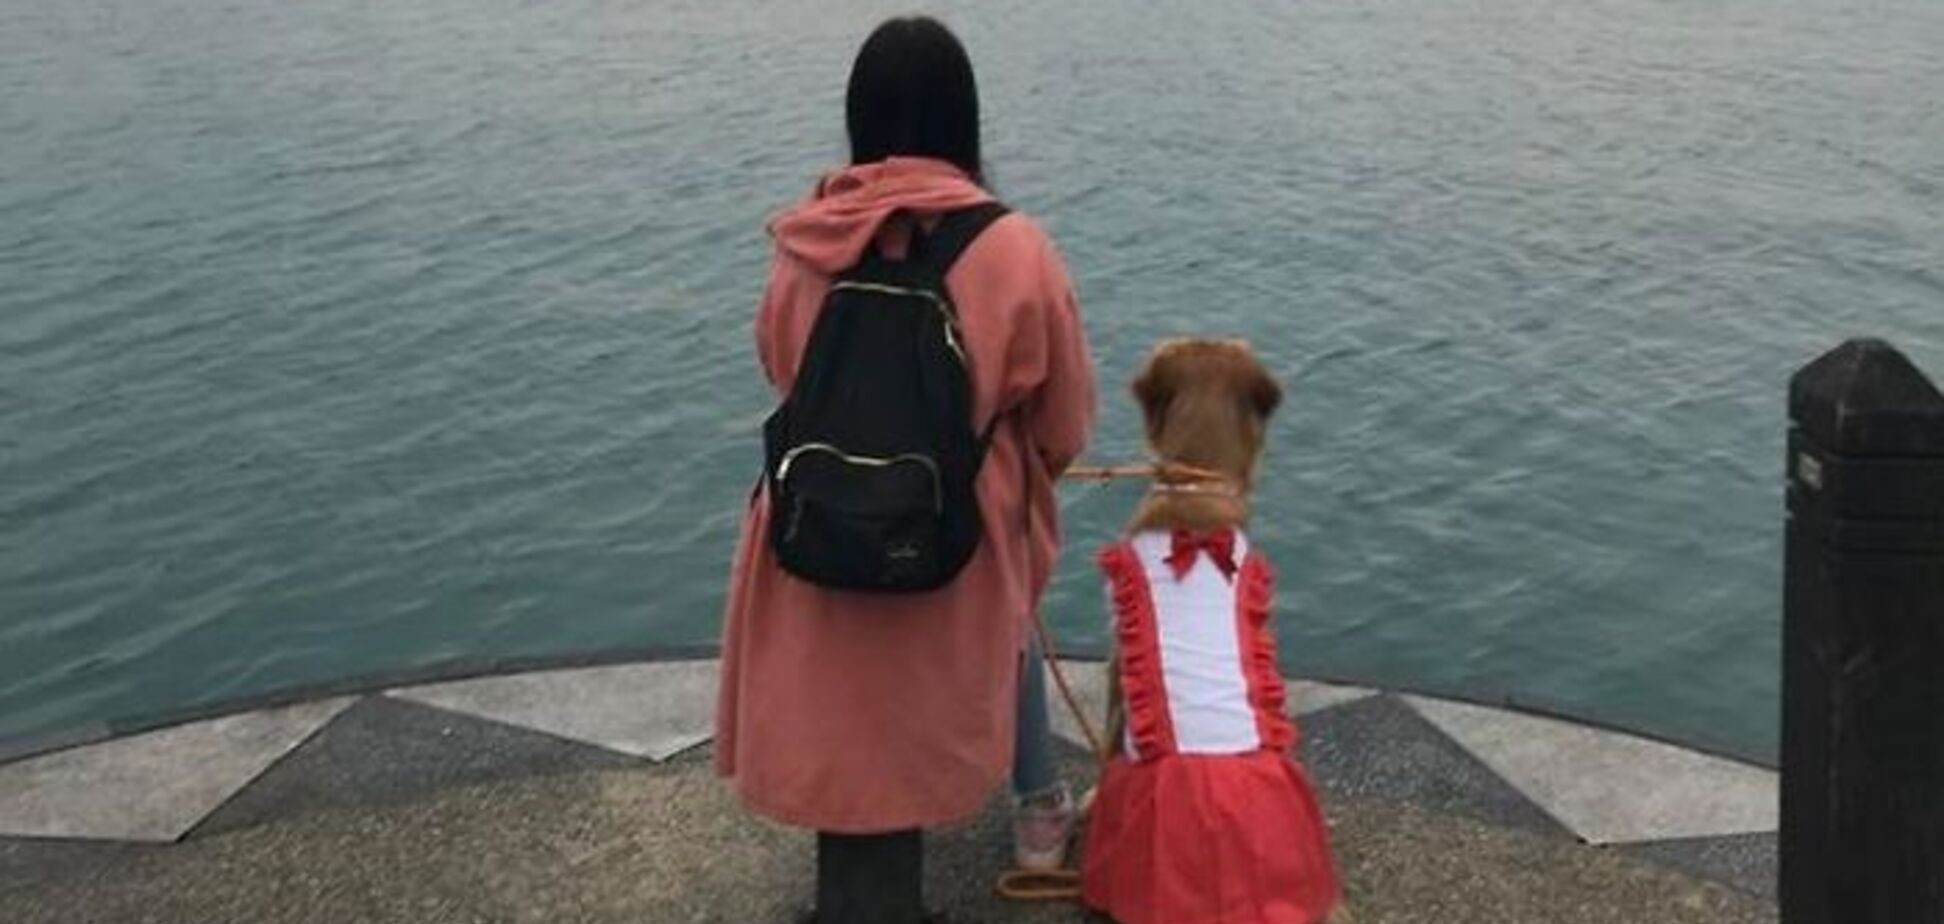 Собака спасла жительницу Тайваня от поездки в Китай: сеть поразила история